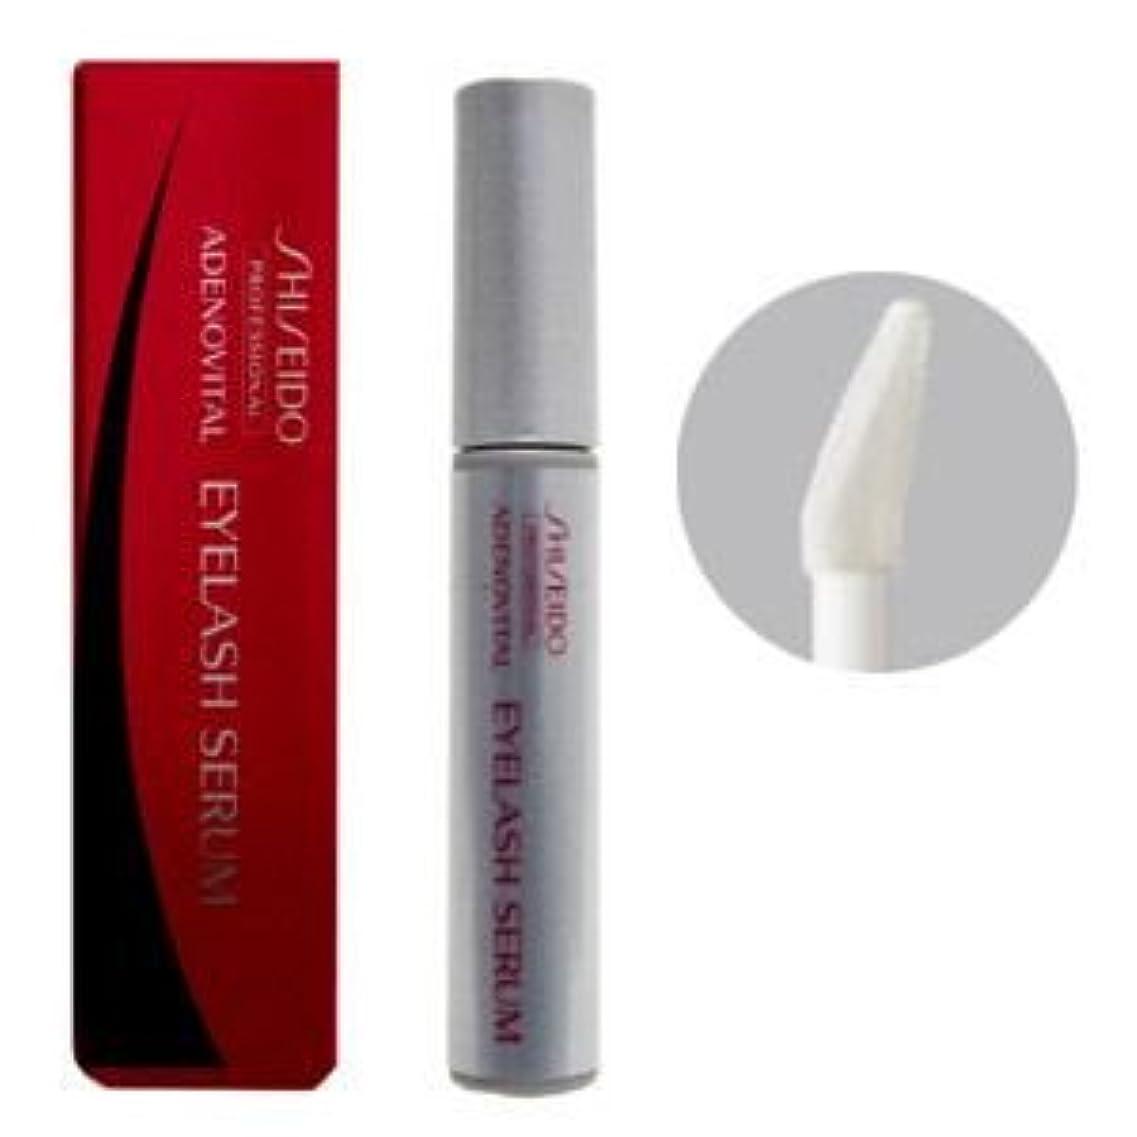 大統領共和党本当のことを言うと資生堂 shiseido アデノバイタル まつ毛用美容液 6g